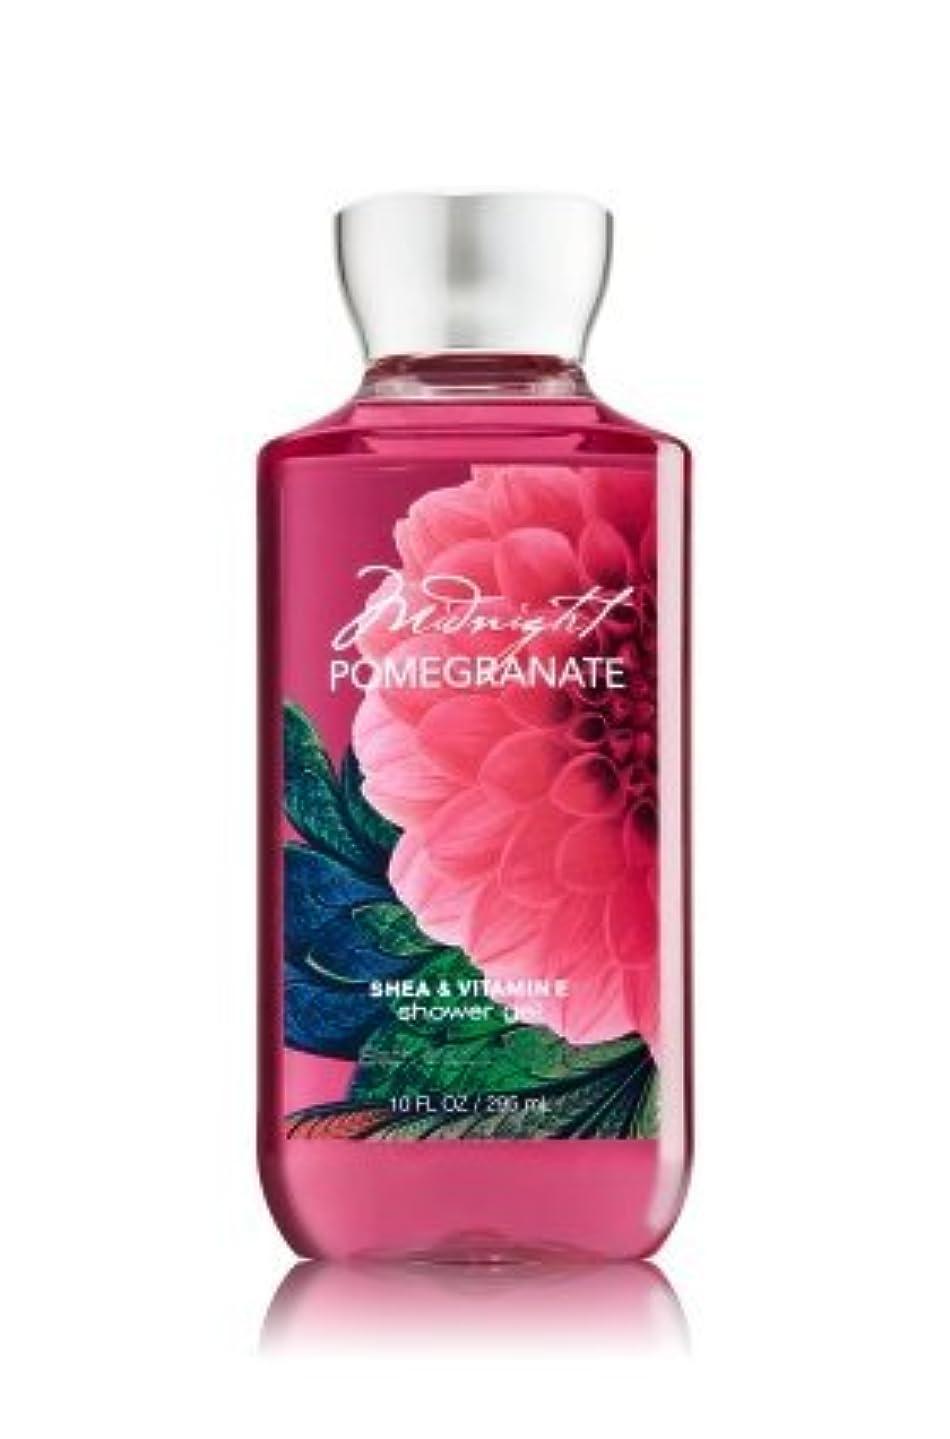 オリエント蓮旋回【Bath&Body Works/バス&ボディワークス】 シャワージェル ミッドナイトポメグラネート Shower Gel Midnight Pomegranate 10 fl oz / 295 mL [並行輸入品]